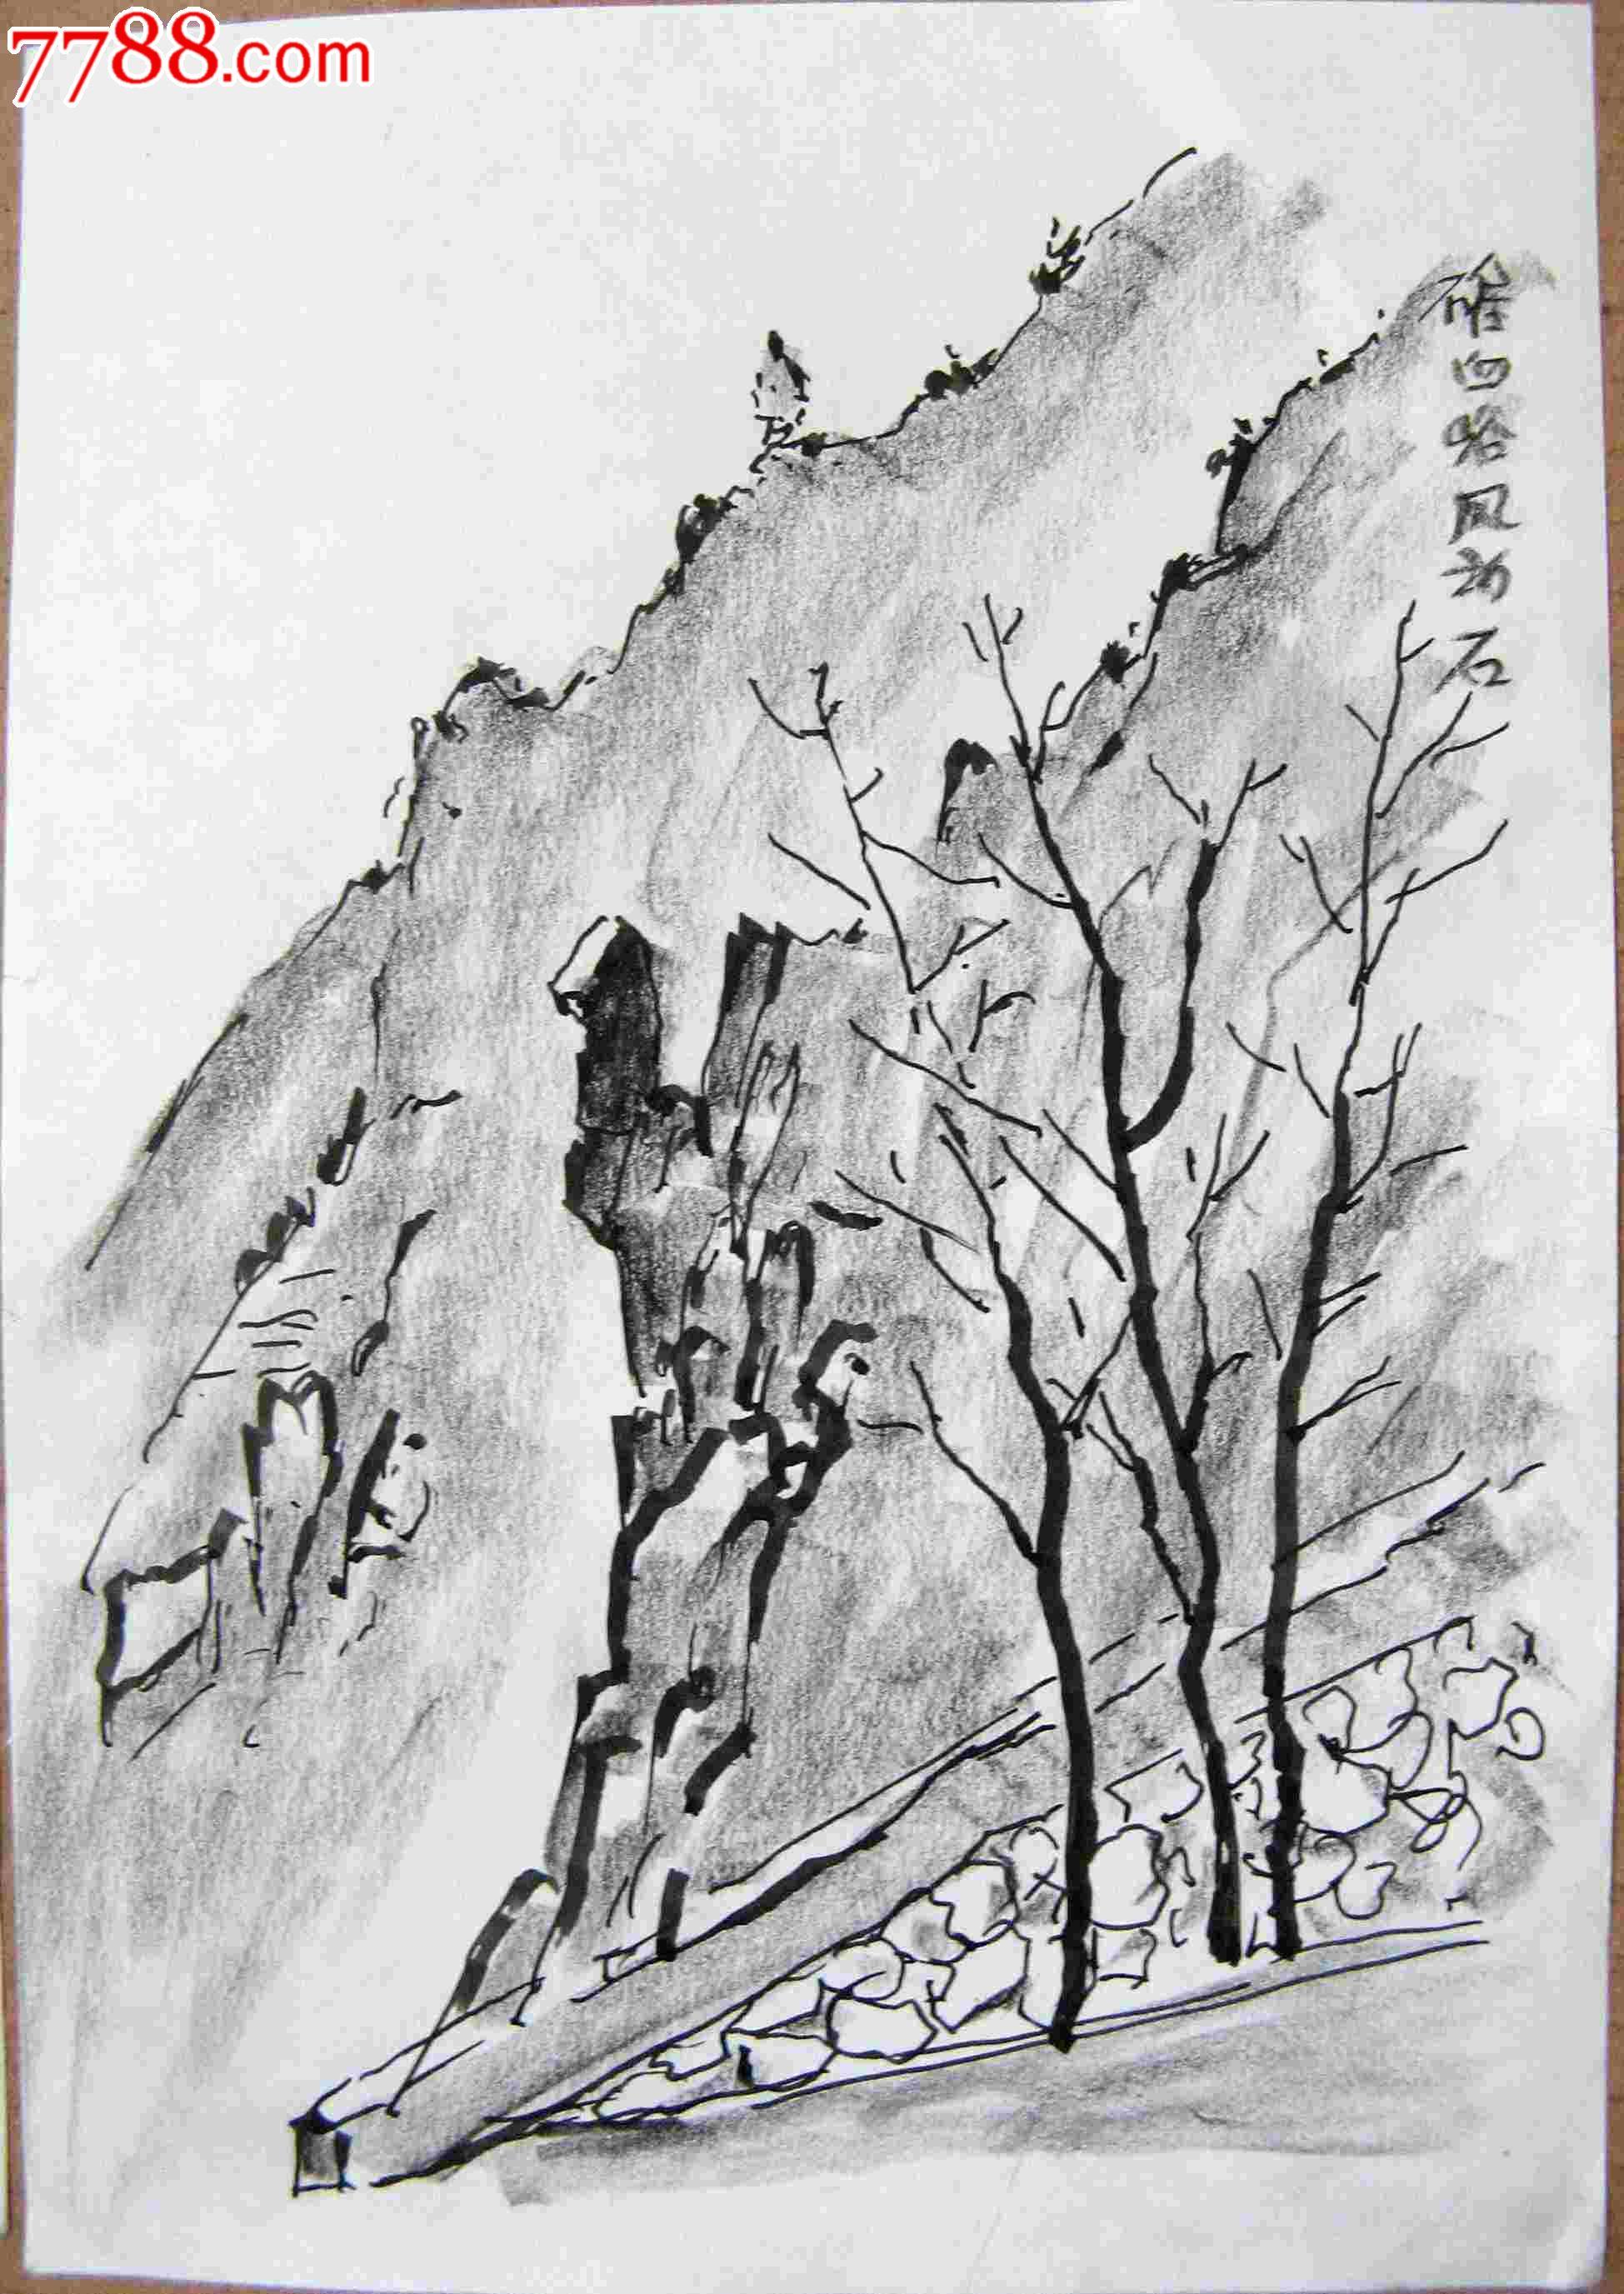 画家素描画稿风景建筑画2幅_价格2.